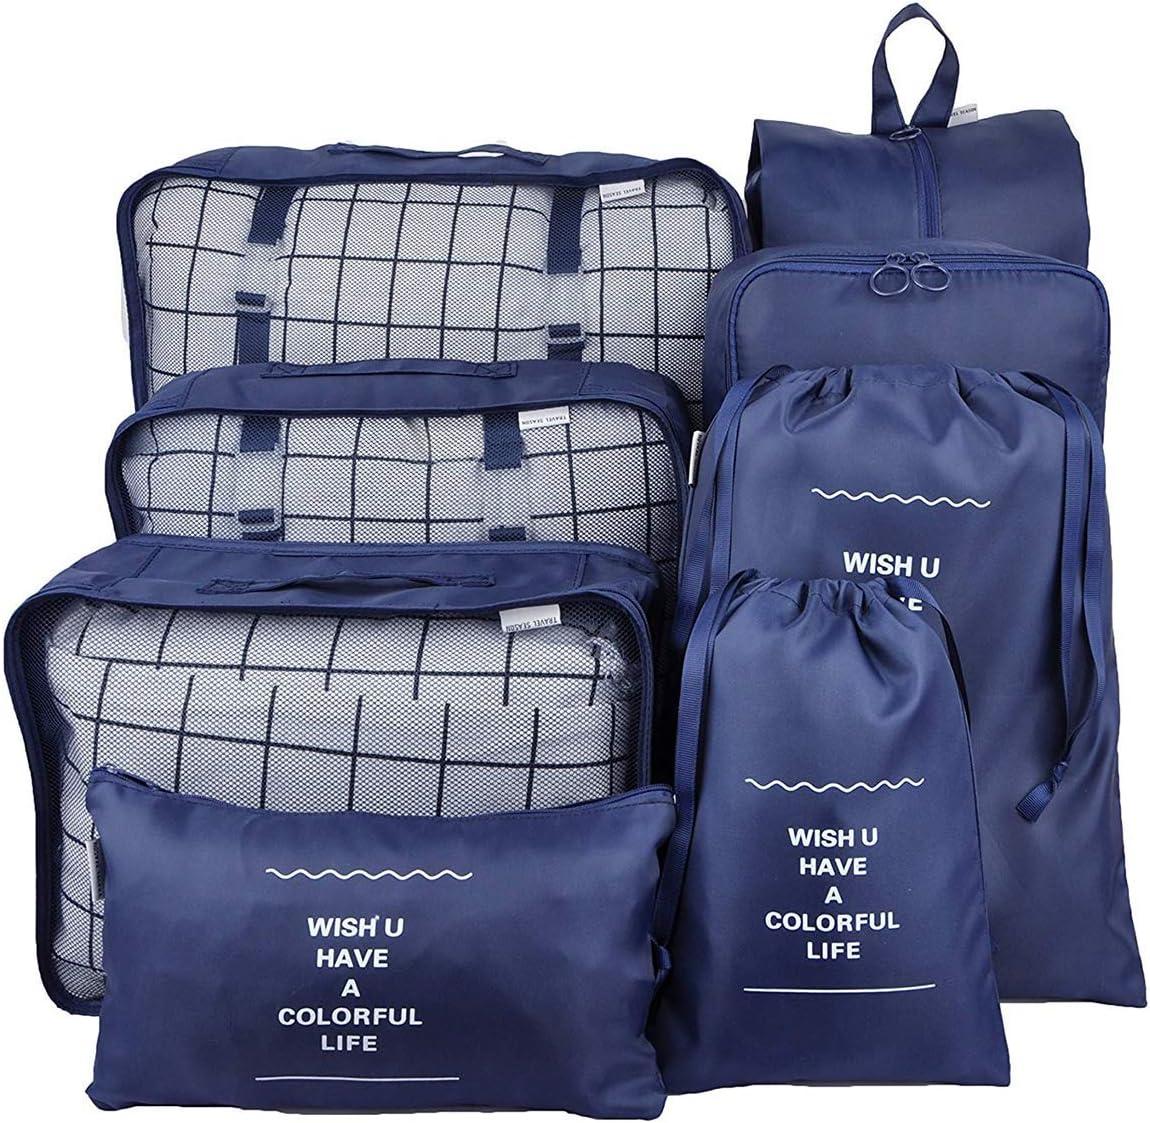 Bleu Marine Queta Organiseurs de Bagage Set de Organiseurs de Bagage pour Voyage Sacs dans Valise pour Les v/êtements,Chaussures et Cosm/étiques